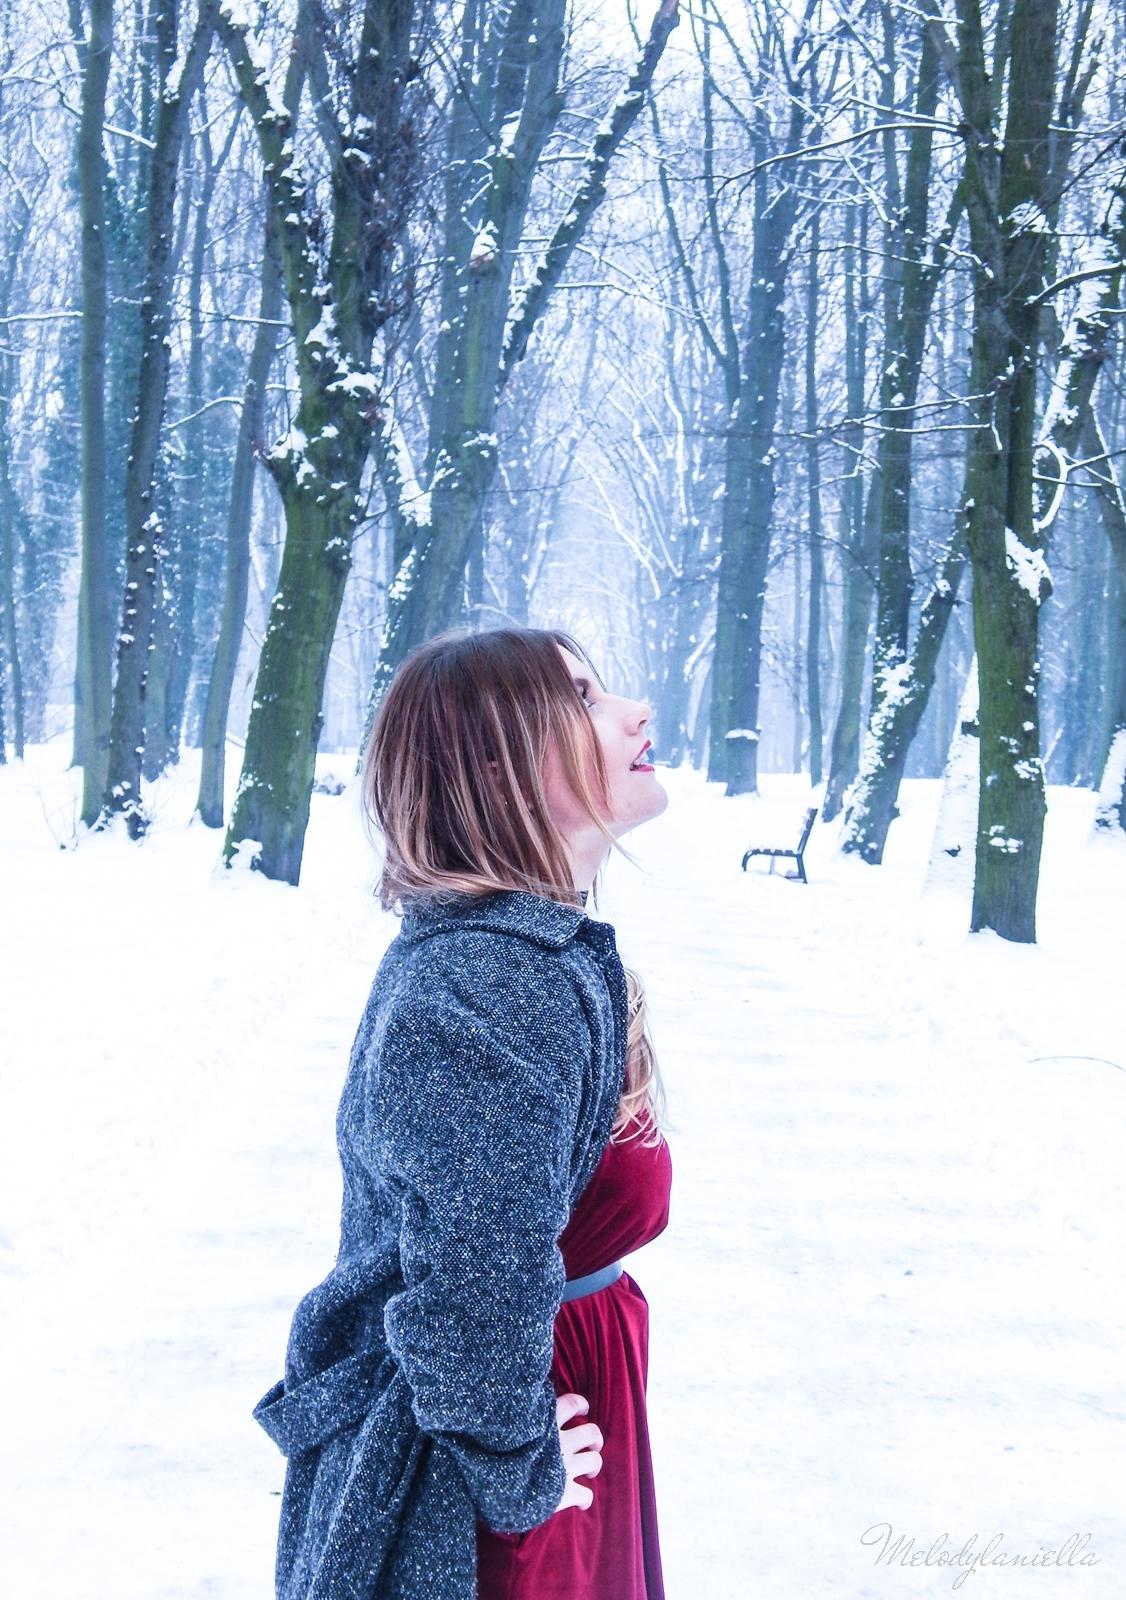 017 torebka manzana czarna czerwona aksamitna  sukienka zaful choker sammydress girl fashion zimowy lookbook stylizacja melodylaniella rajstopy veera pończochy fashion moda szary płaszcz muszkieterki deichmann